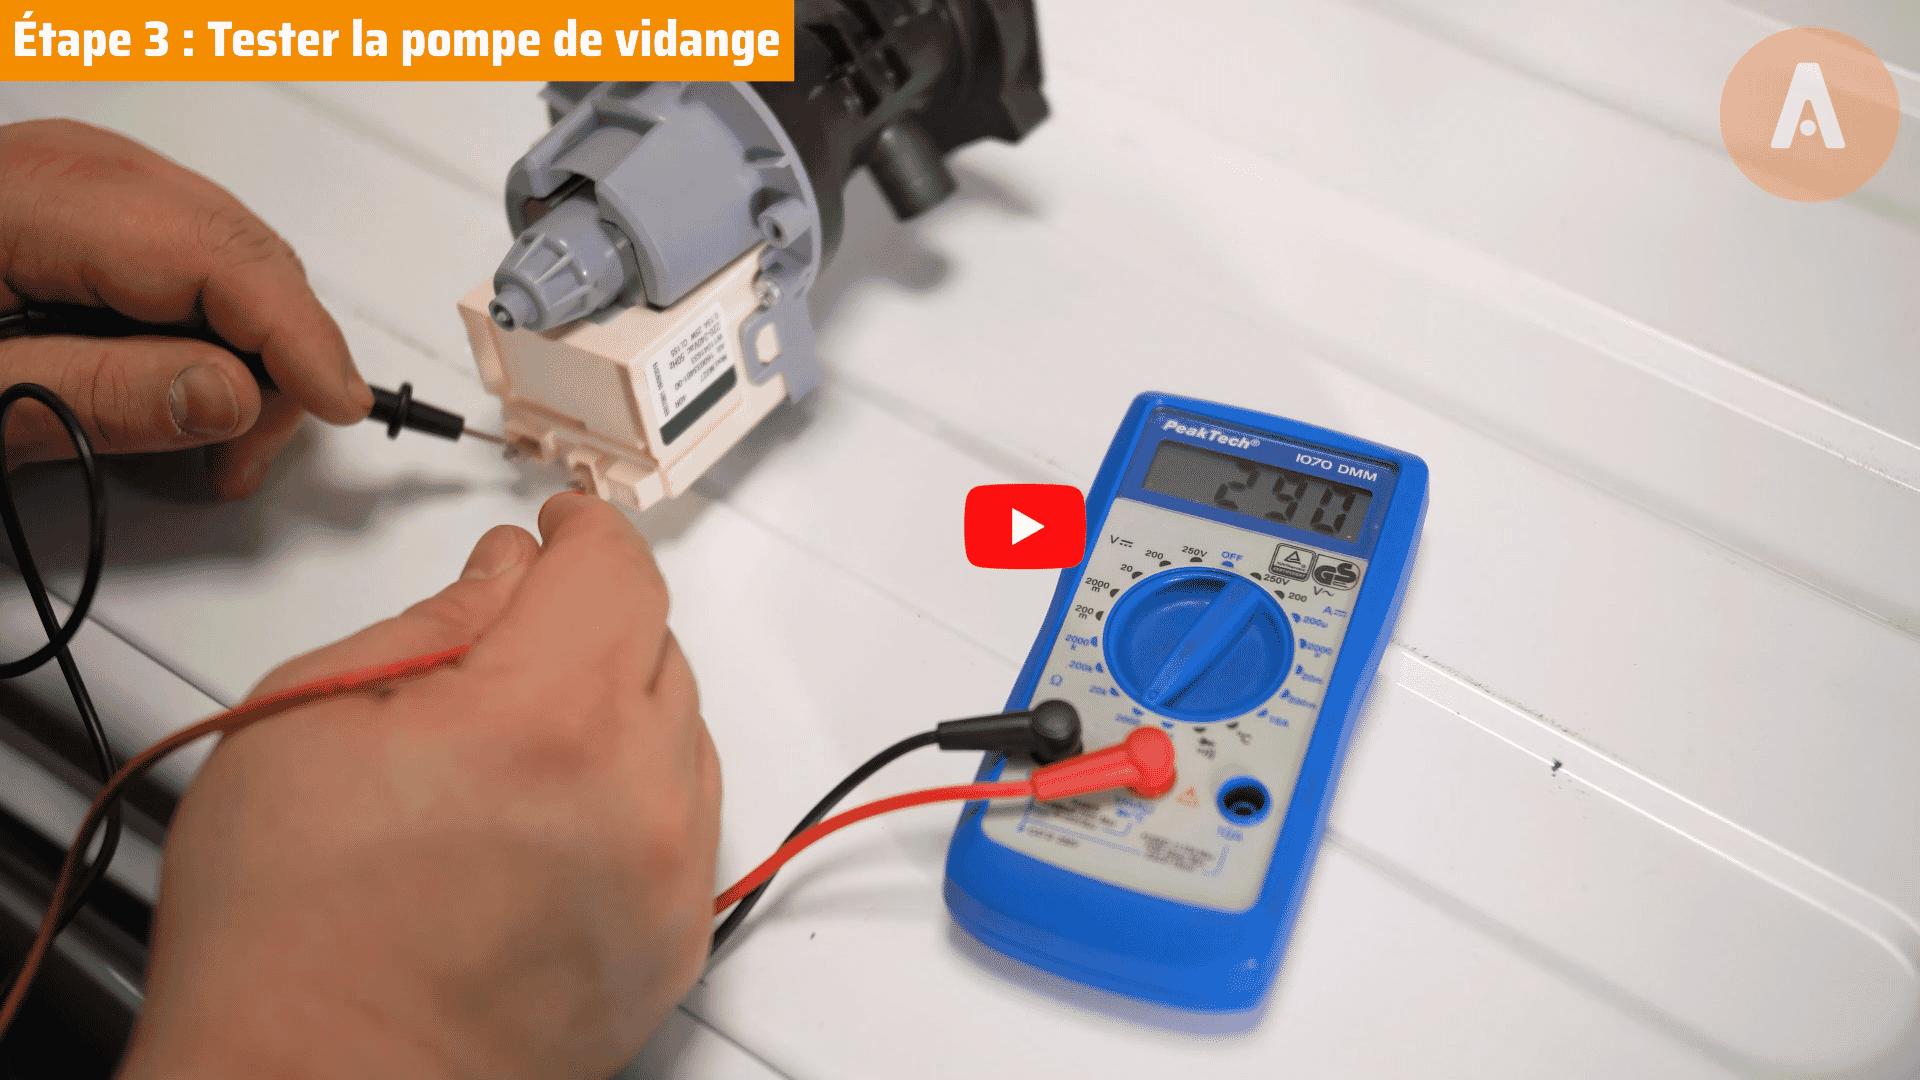 Tutoriel vidéo : comment tester et changer la pompe de vidange d'un lave-linge ?